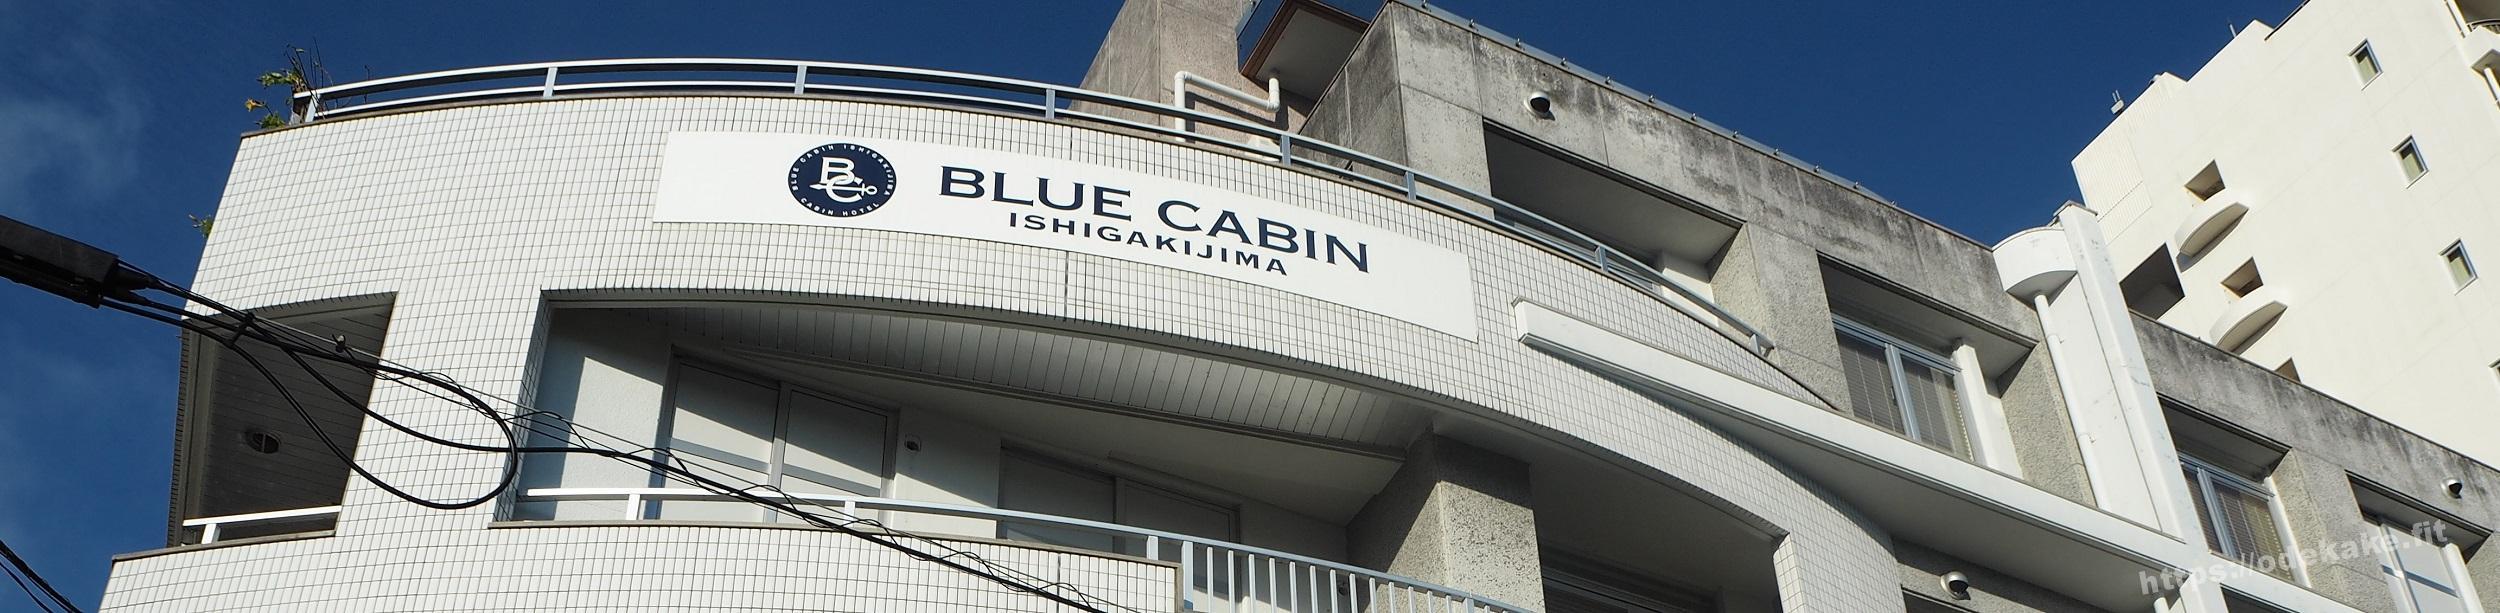 【石垣島】ブルーキャビン石垣島に泊まったよ♪コスパ最強で八重山一人旅にぴったり!